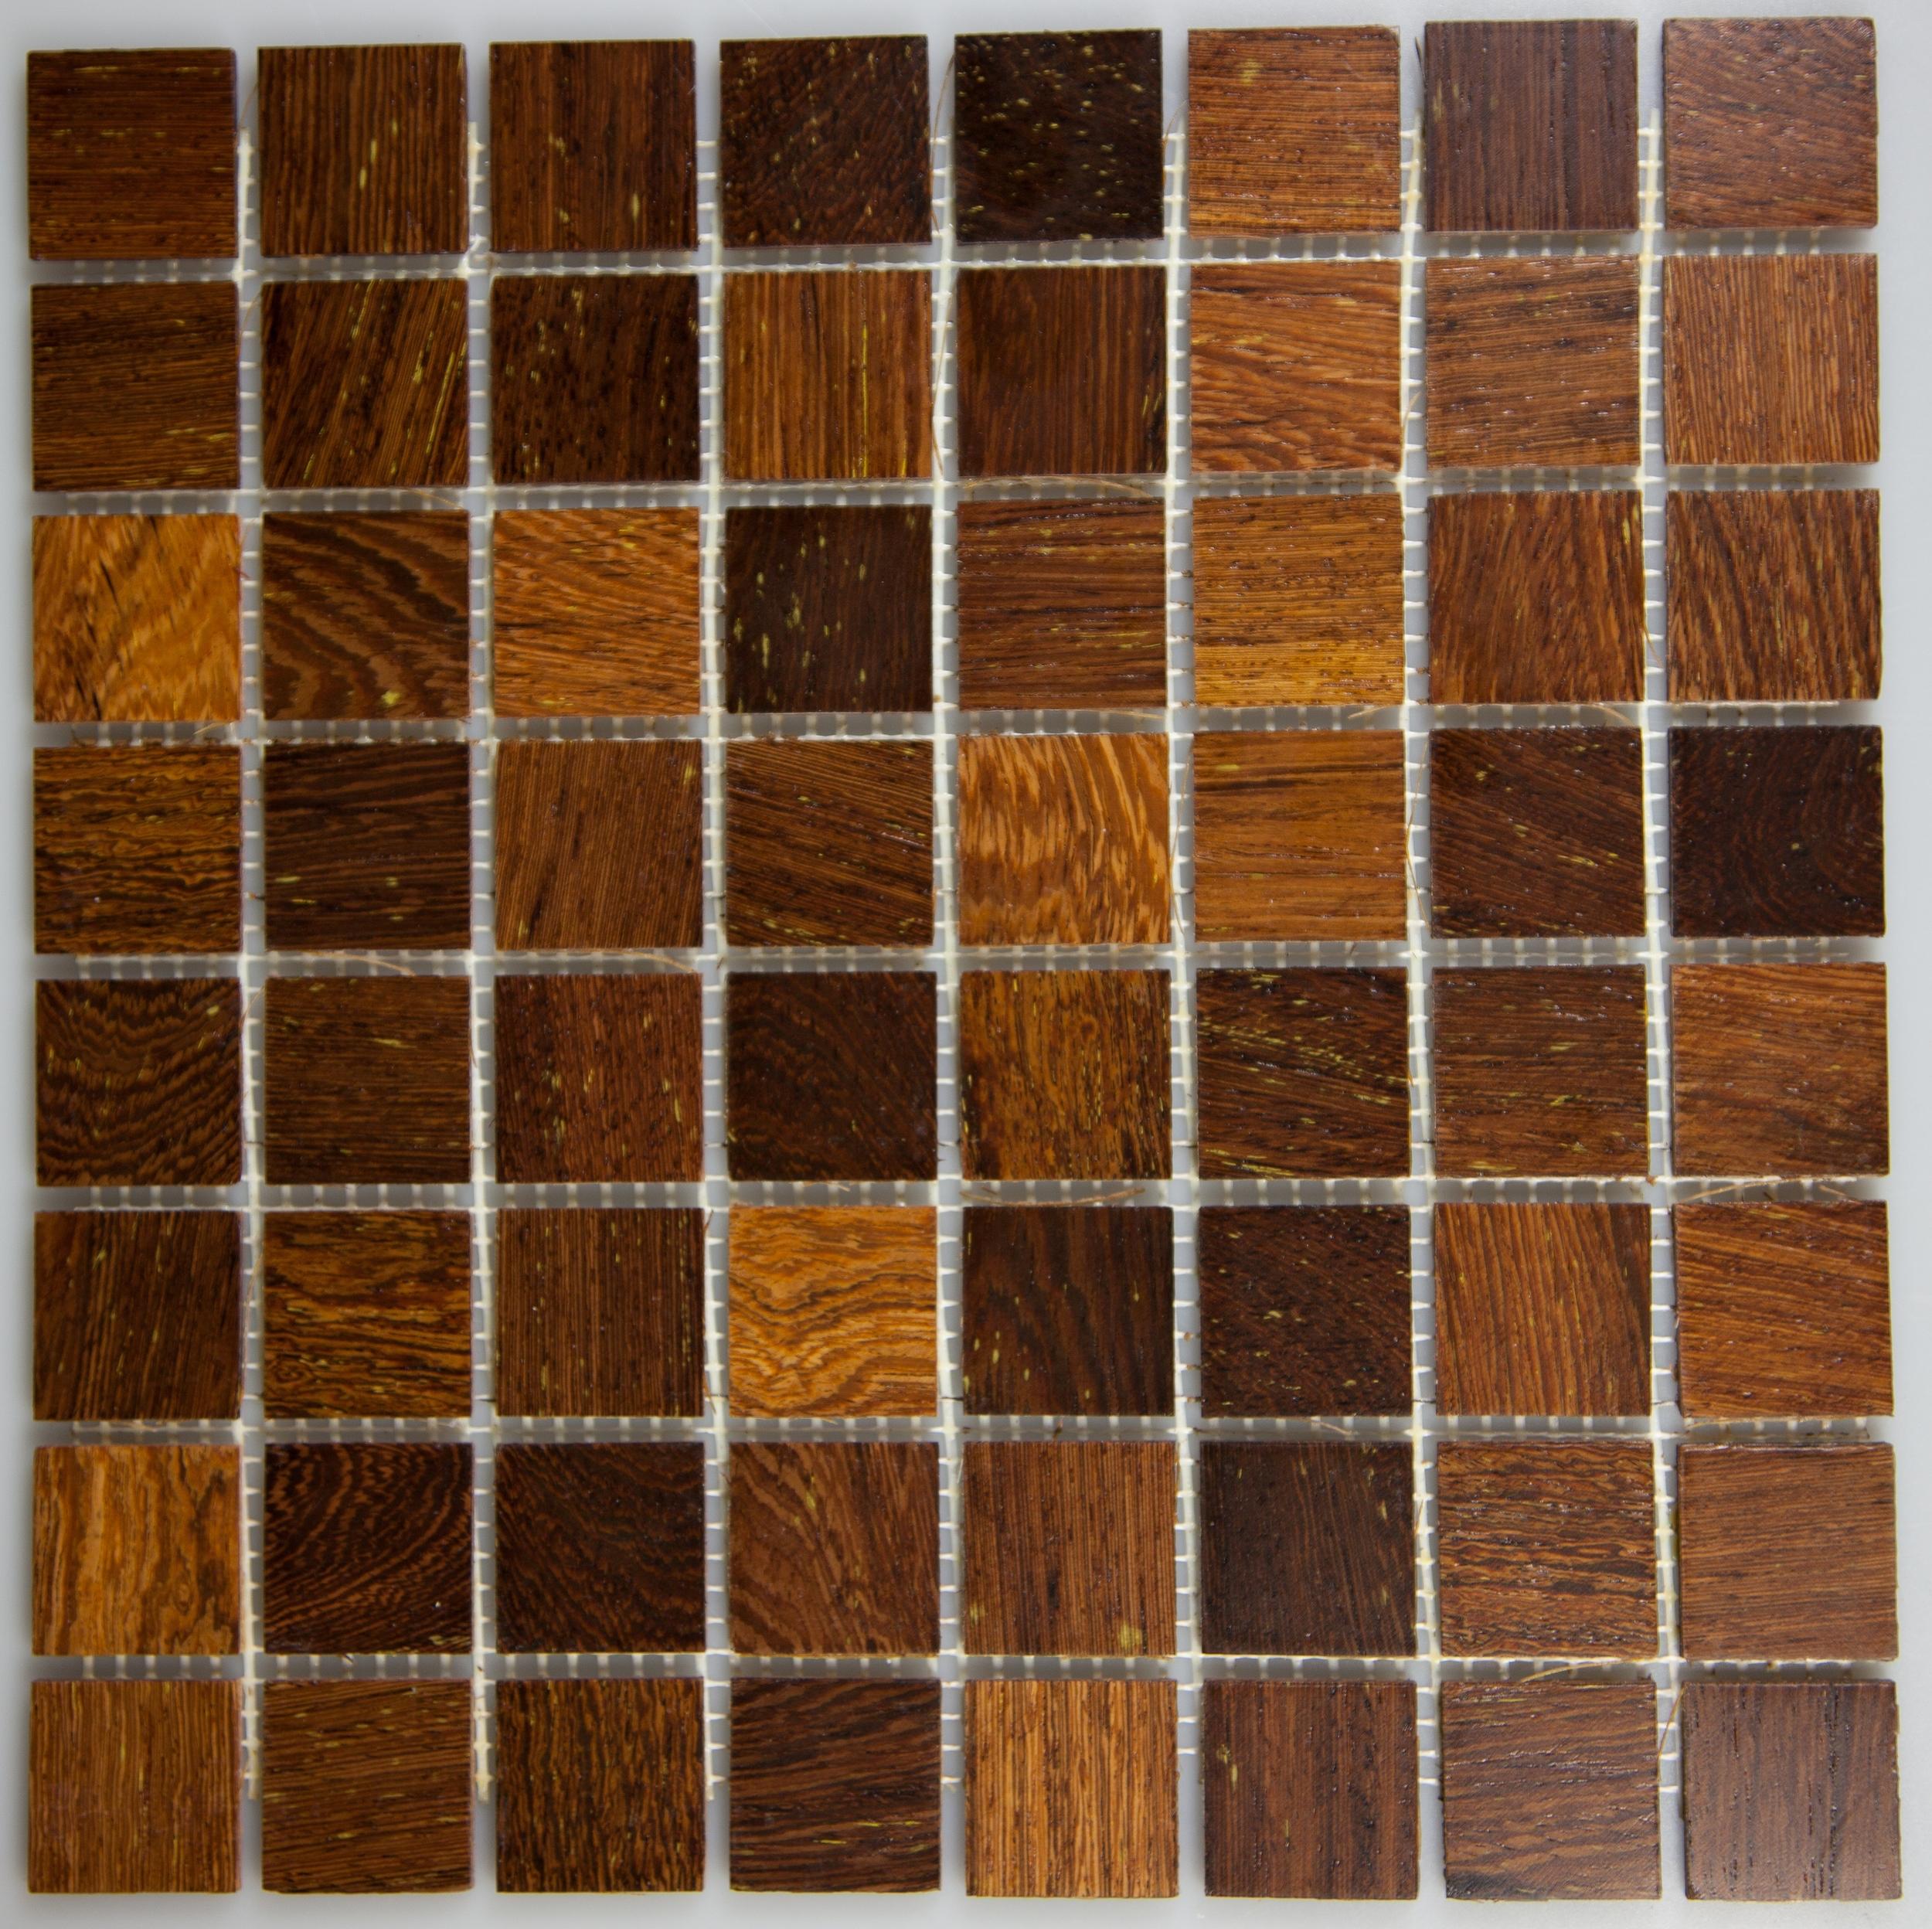 Panga Panga 33.5mm x 33.5mm Wood Tile